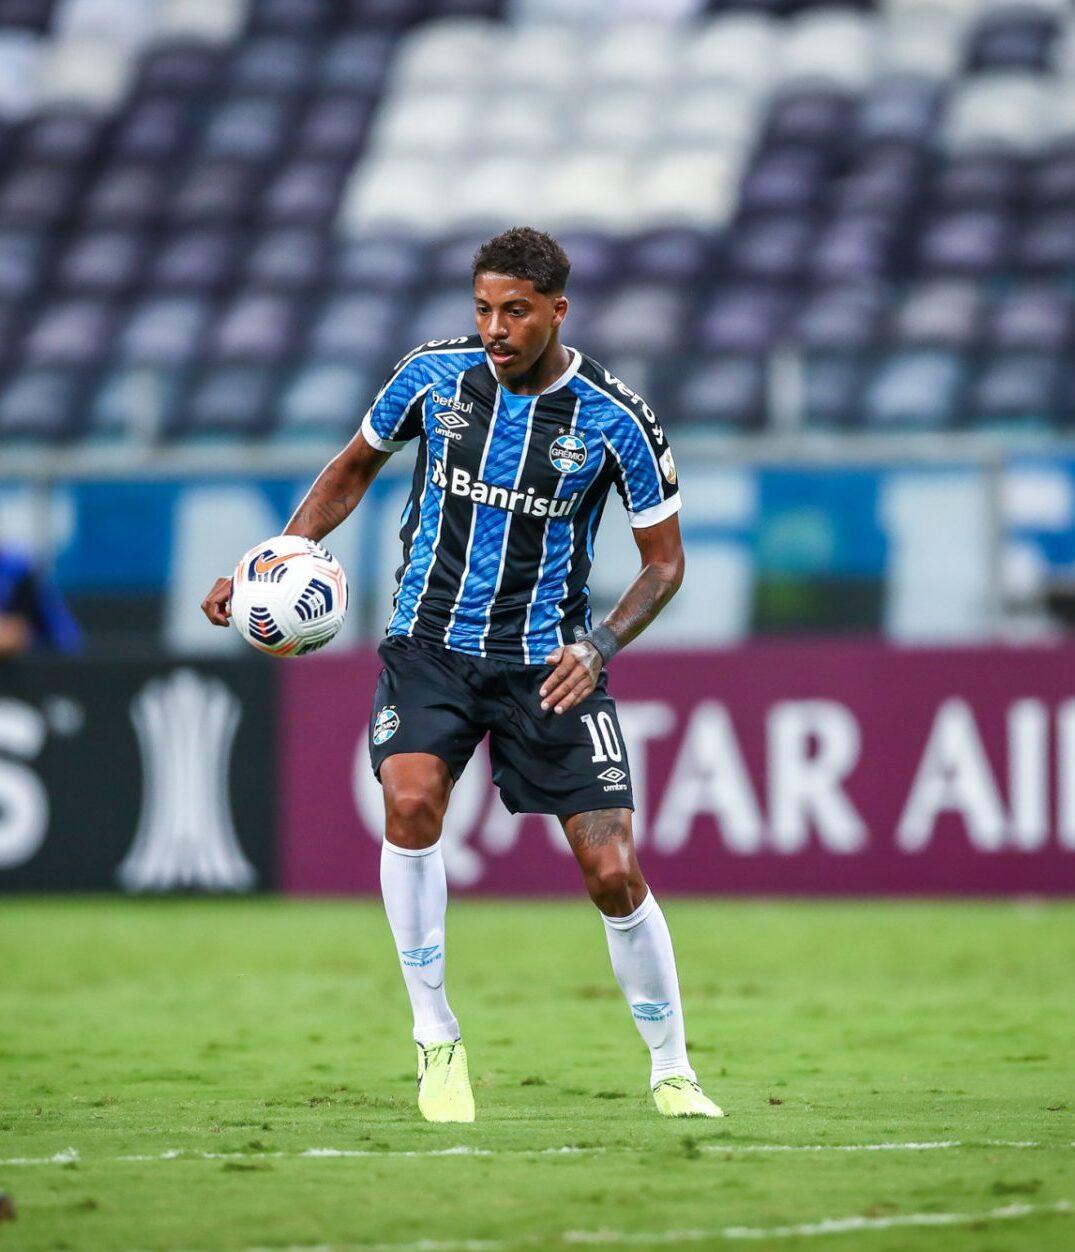 Copa do Brasil: Grêmio joga com grande vantagem para avançar em Porto Alegre